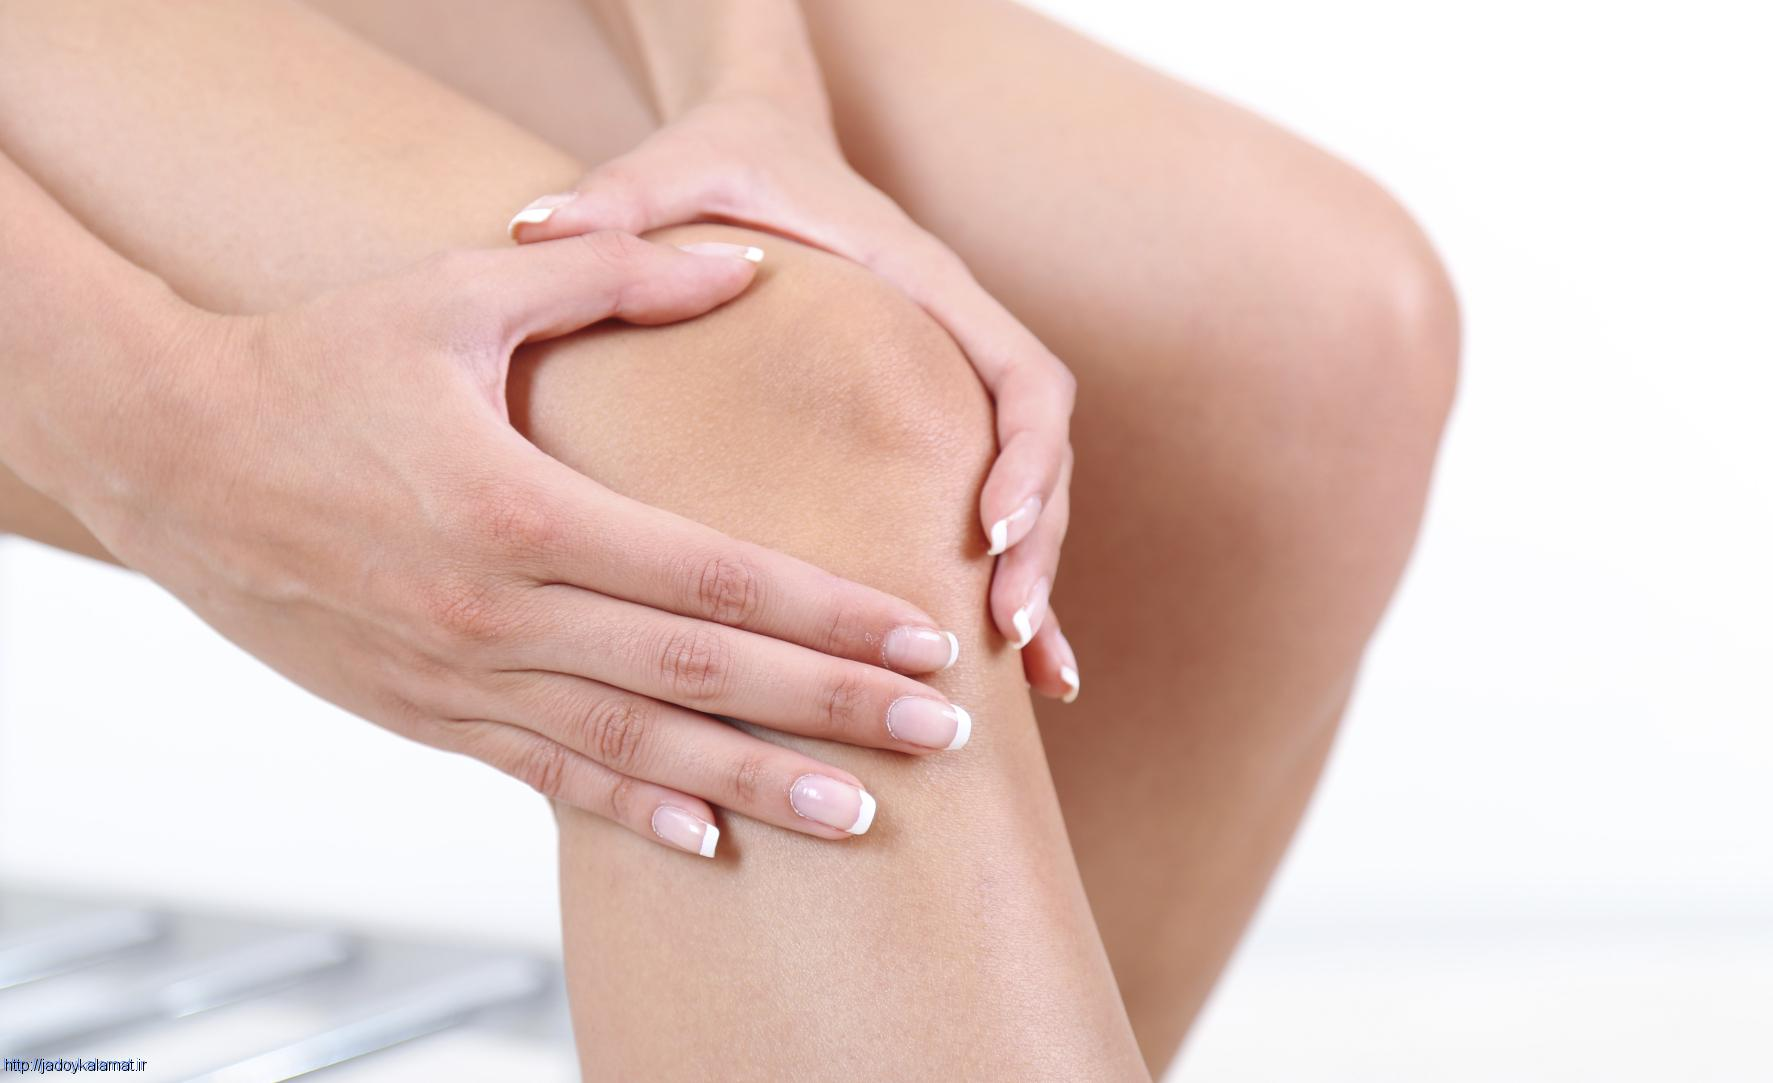 روش های مهم مراقبت از مفاصل بدن